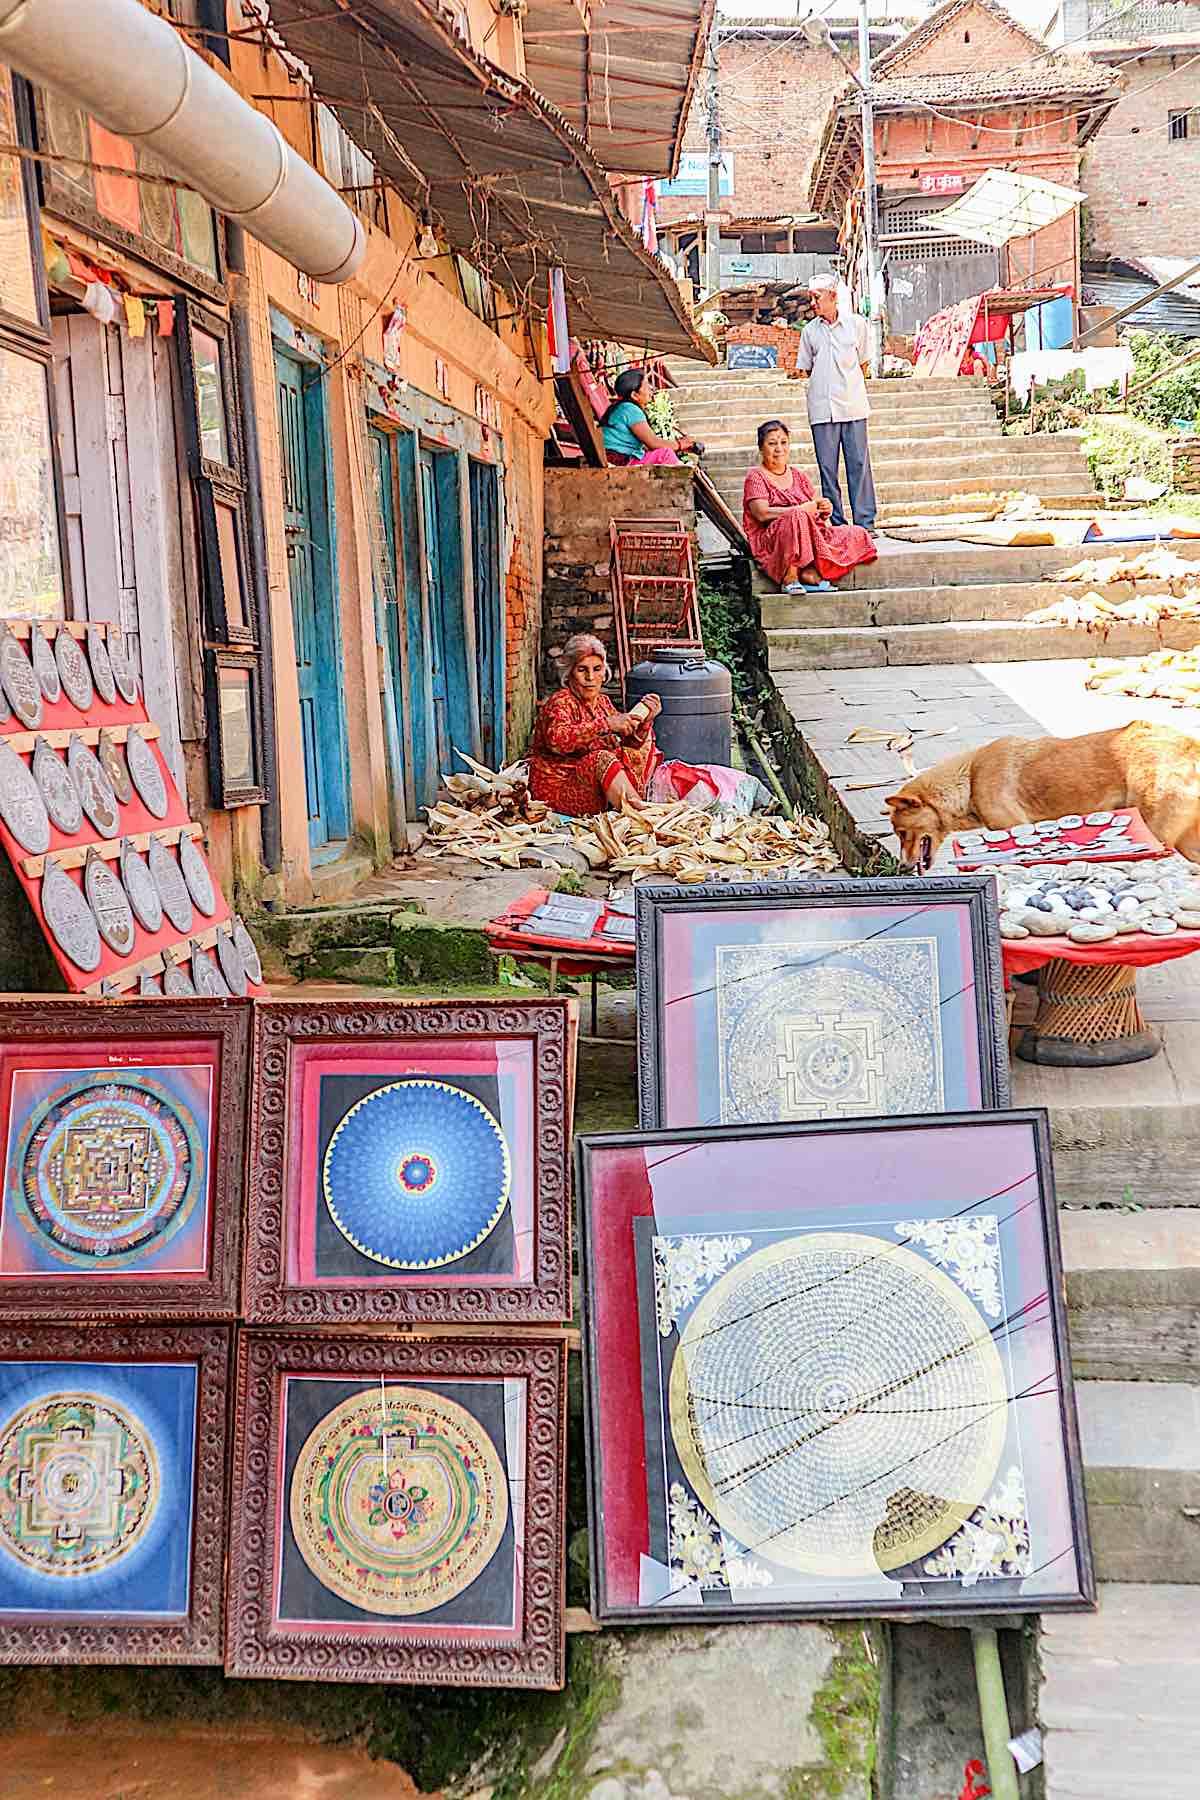 Buddha Weekly Art for sale on street in Kathmandu Nepal by Ipek Morel Diplikaya dreamstime xxl 114263859 Buddhism